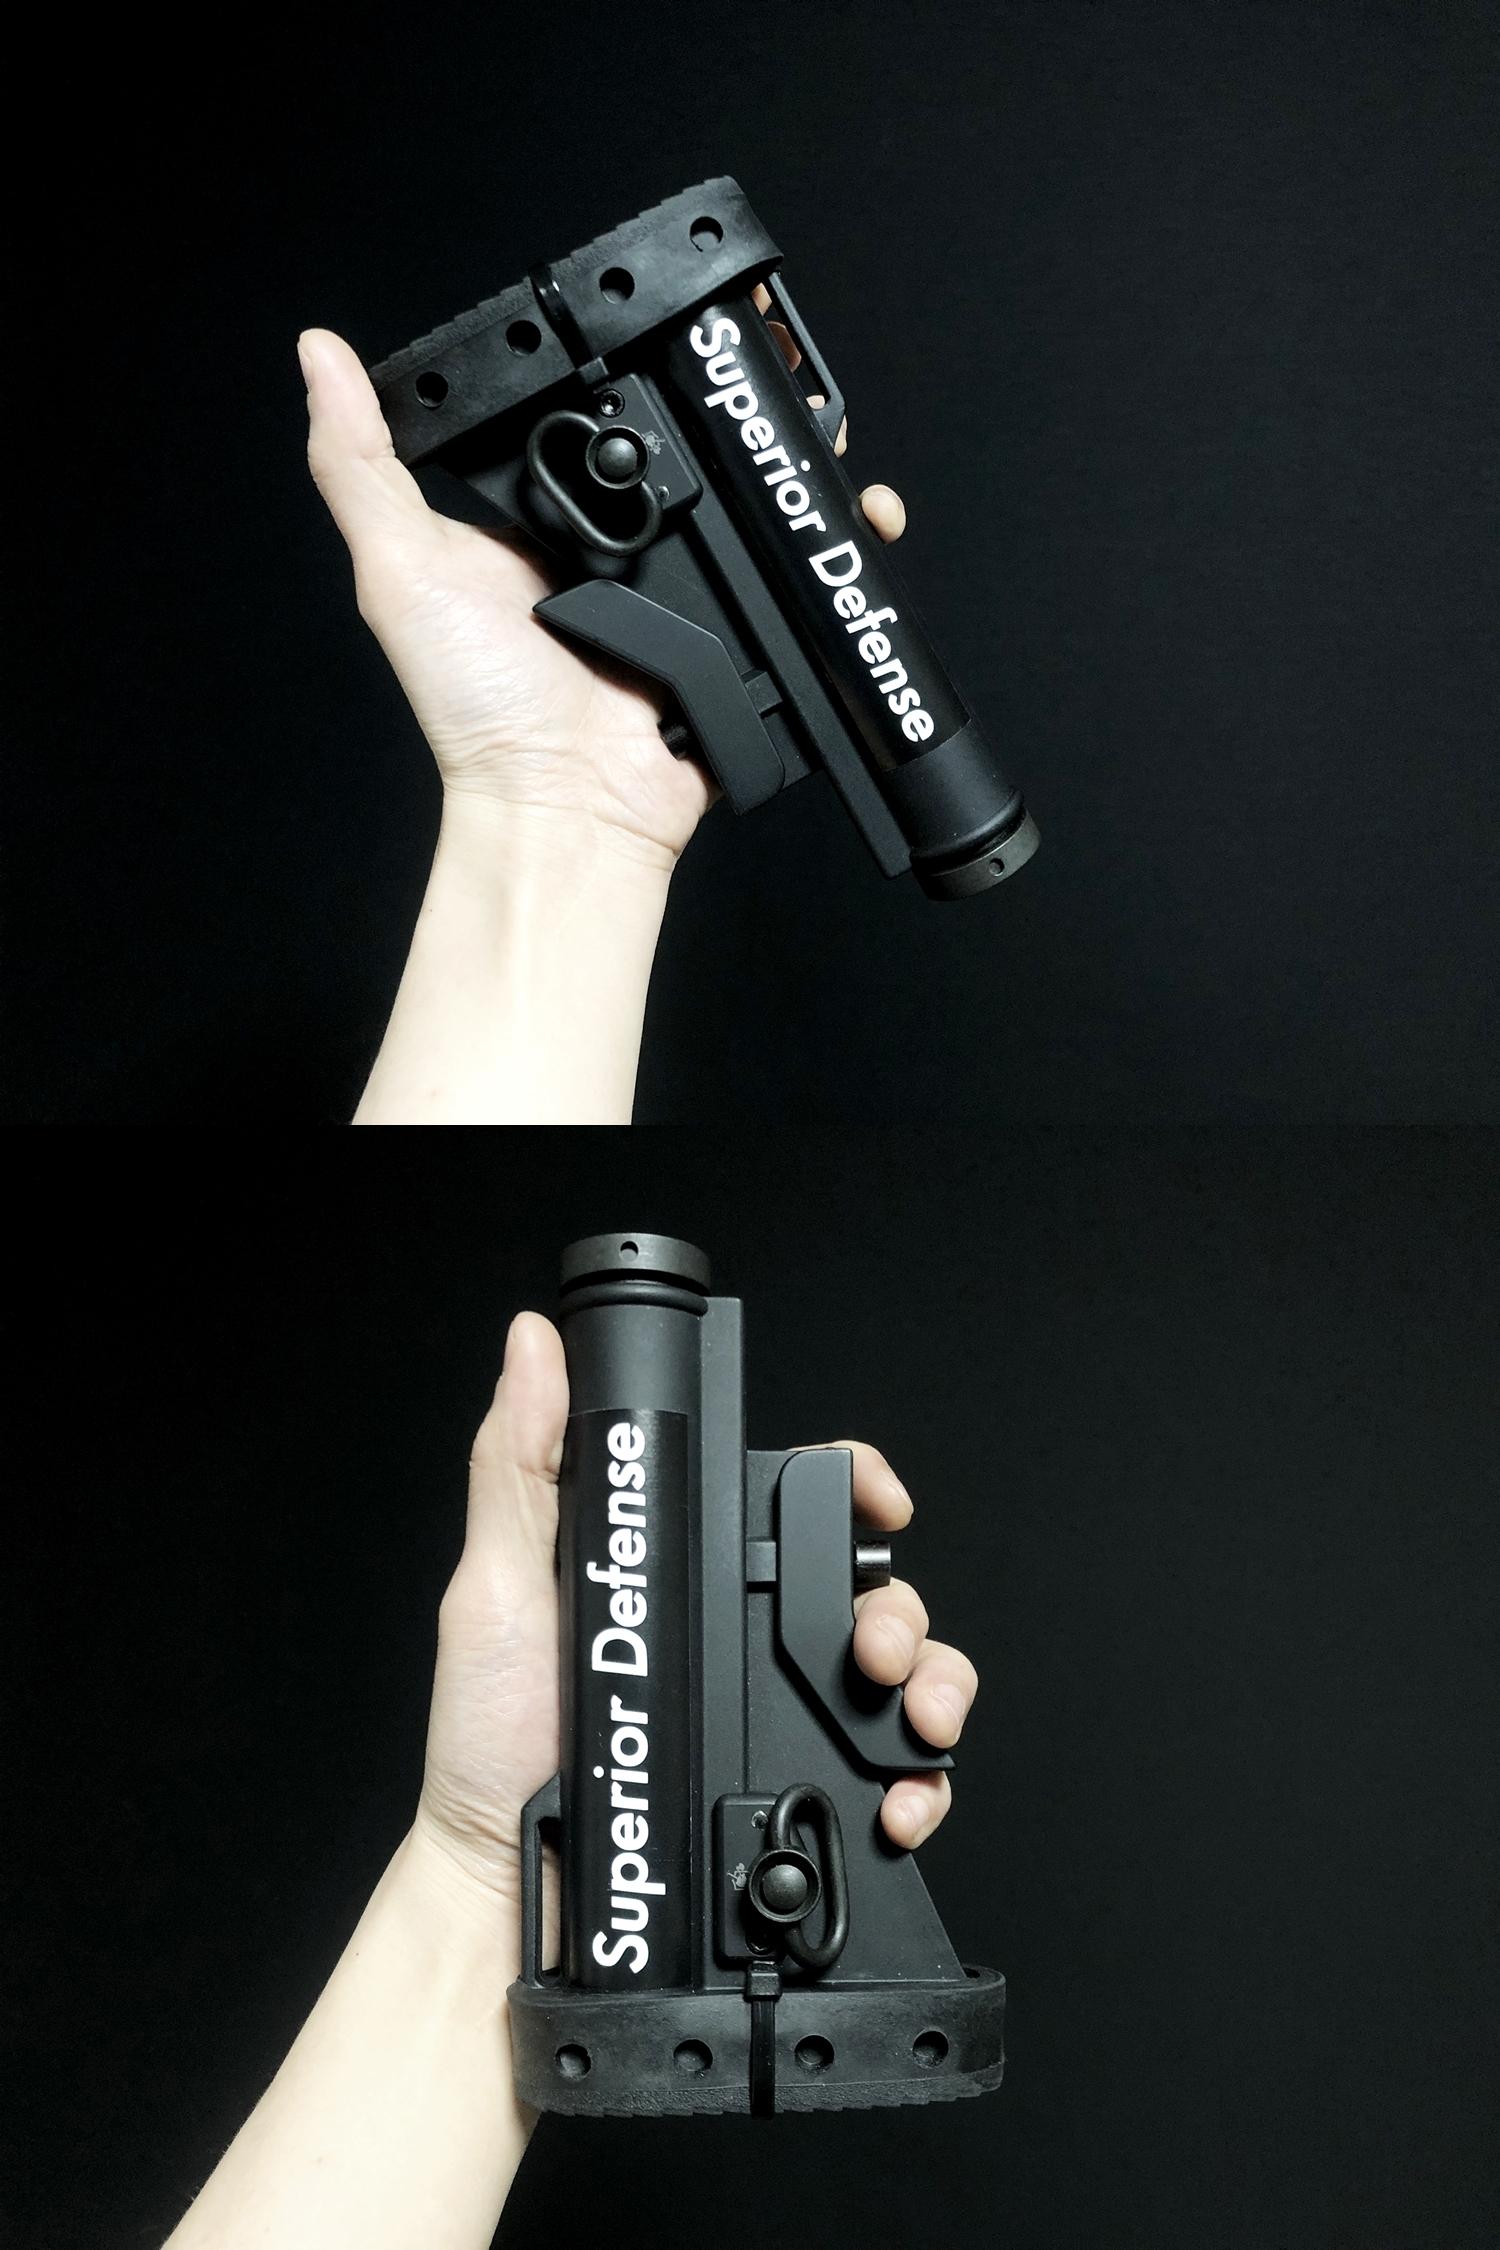 22 実物 Knight's Armament M4 Carbine Buttstock QD Sling Mount Kit & JOHN MASEN DELTA PAD & REMAKE M733 COMMANDOS STOCK!! DIY NOVESKE PIG!! KAC ナイツ QD デルタパッド!! 購入 取付 カスタム レビュー!!